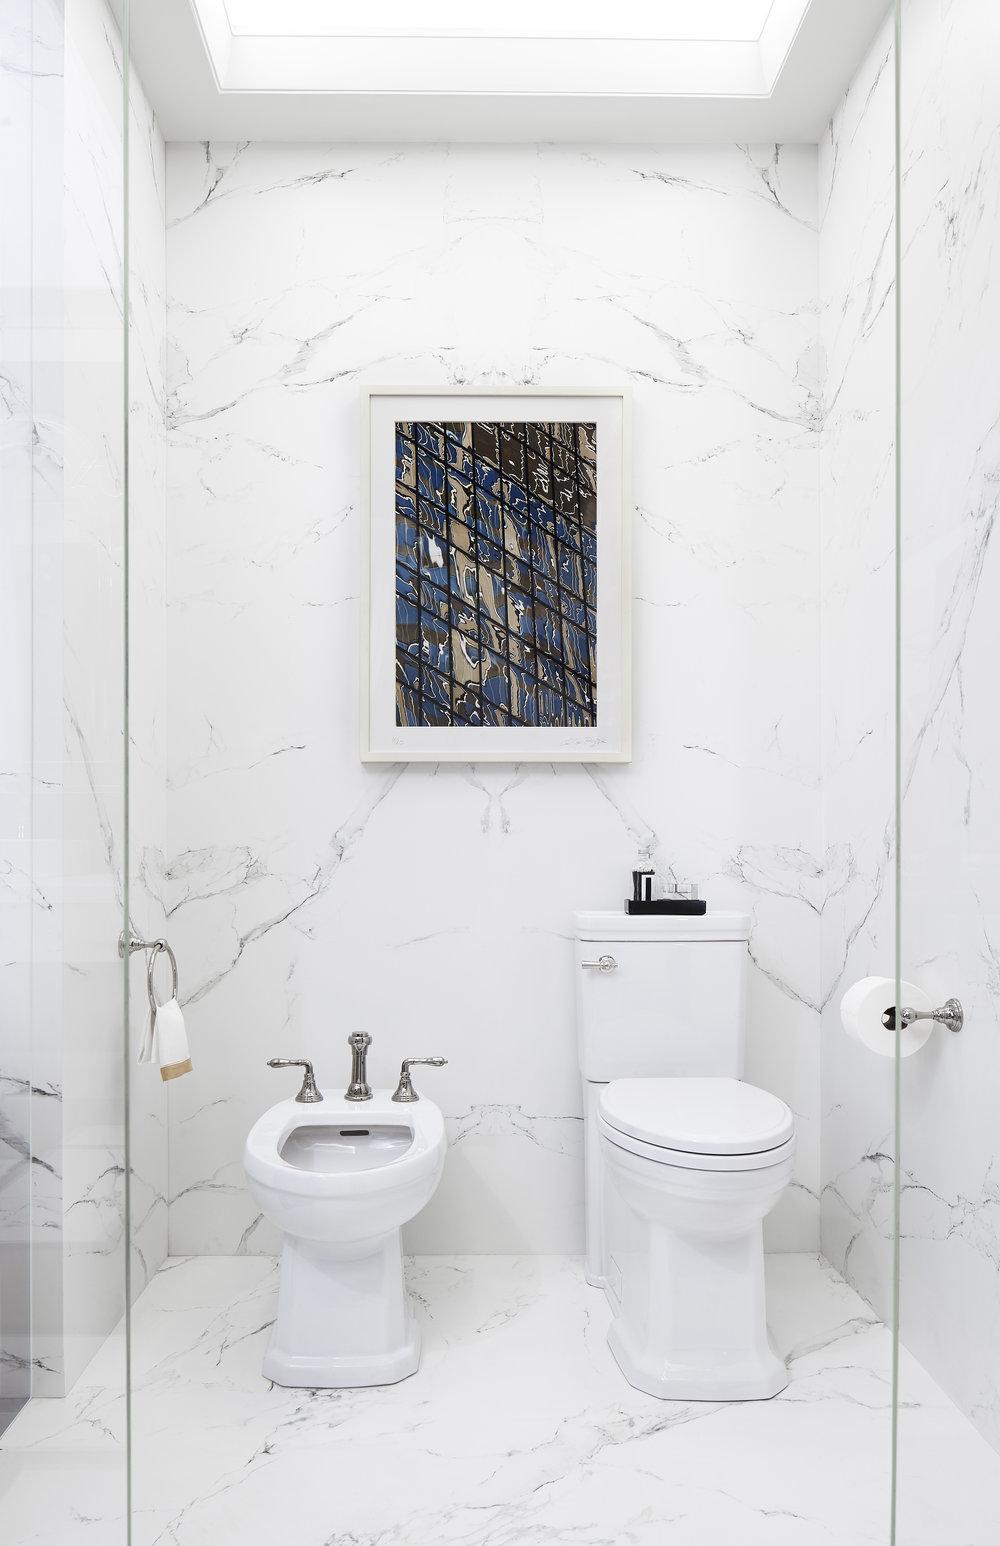 Shot2_Toilet_AlanTanksley.jpg